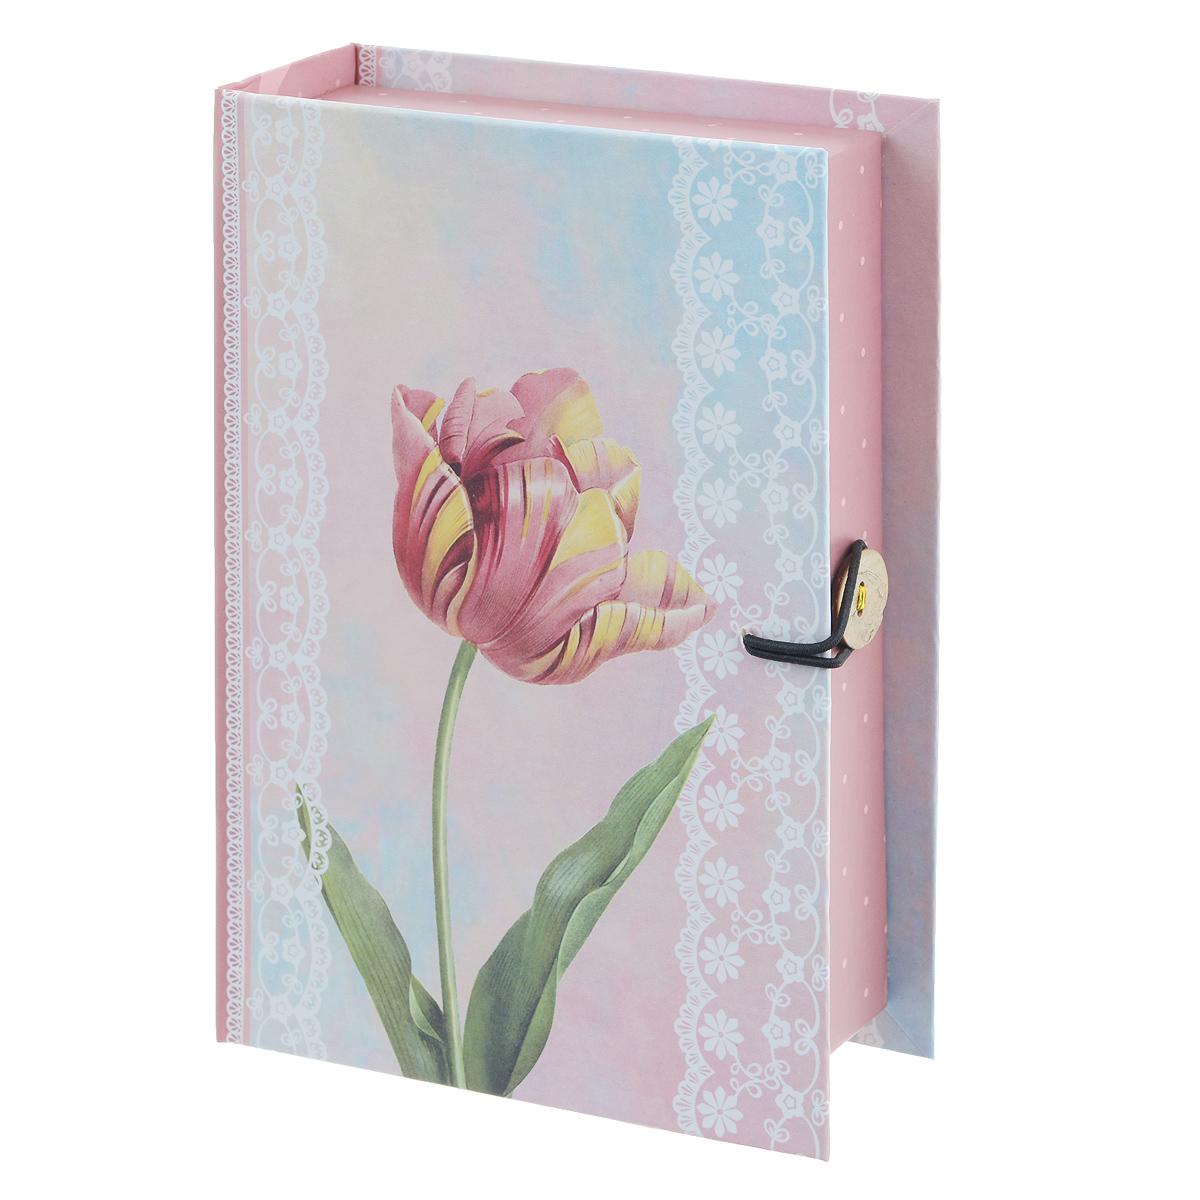 Подарочная коробка Тюльпан, 18 х 12 х 5 см39464Подарочная коробка Тюльпан выполнена из плотного картона. Изделие оформлено изображением тюльпана, сбоку имеется надпись С самыми нежными чувствами.... Коробка закрывается на пуговицу. Подарочная коробка - это наилучшее решение, если вы хотите порадовать ваших близких и создать праздничное настроение, ведь подарок, преподнесенный в оригинальной упаковке, всегда будет самым эффектным и запоминающимся. Окружите близких людей вниманием и заботой, вручив презент в нарядном, праздничном оформлении. Плотность картона: 1100 г/м2.